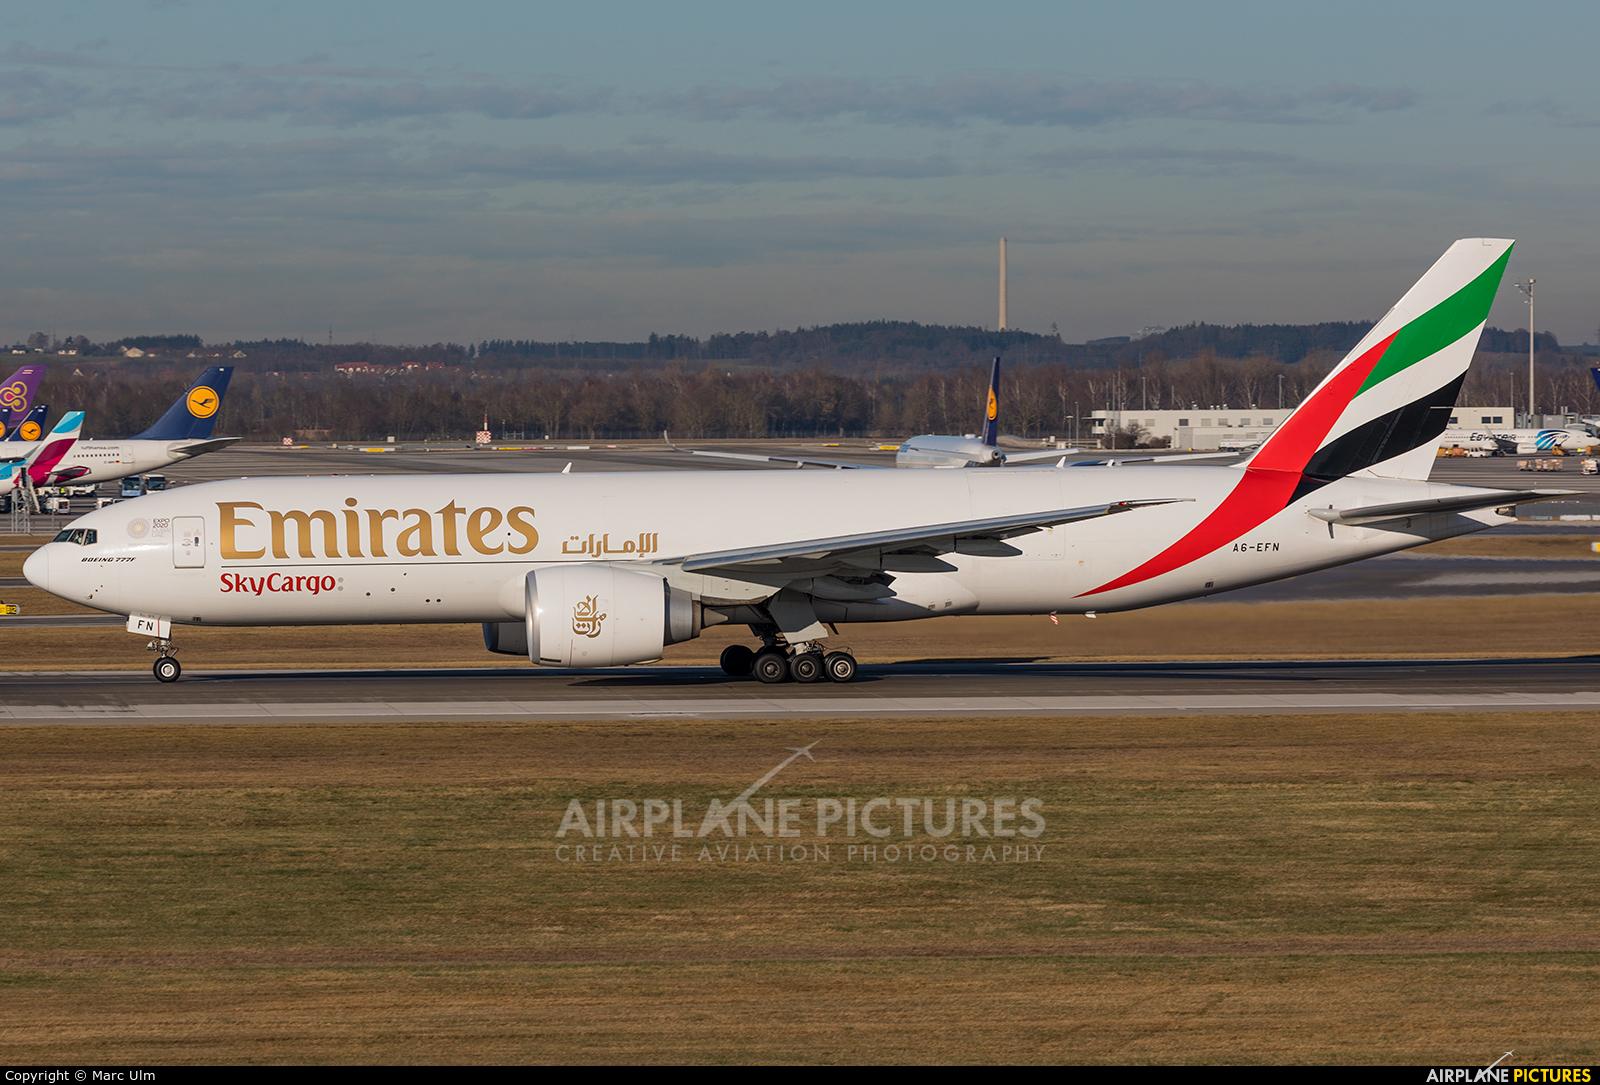 Emirates Sky Cargo A6-EFN aircraft at Munich